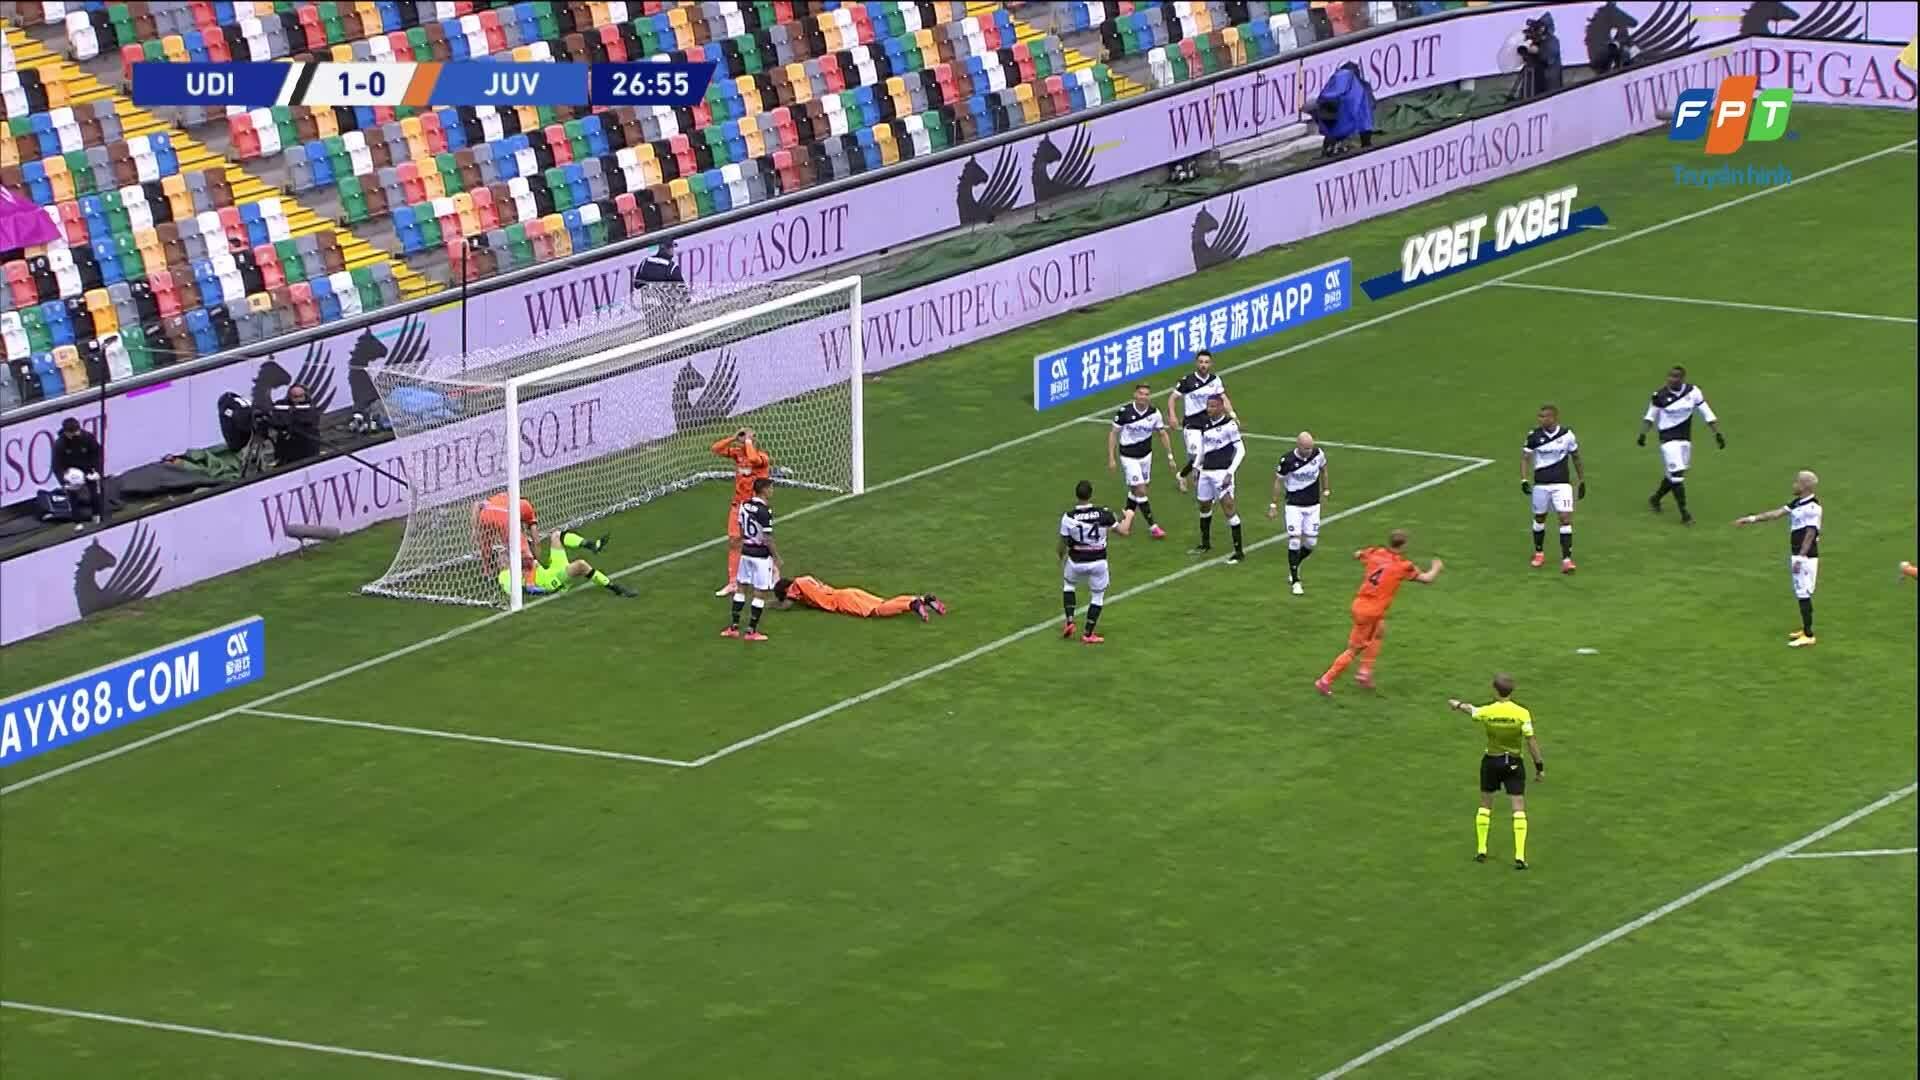 Udinese 1-2 Juventus